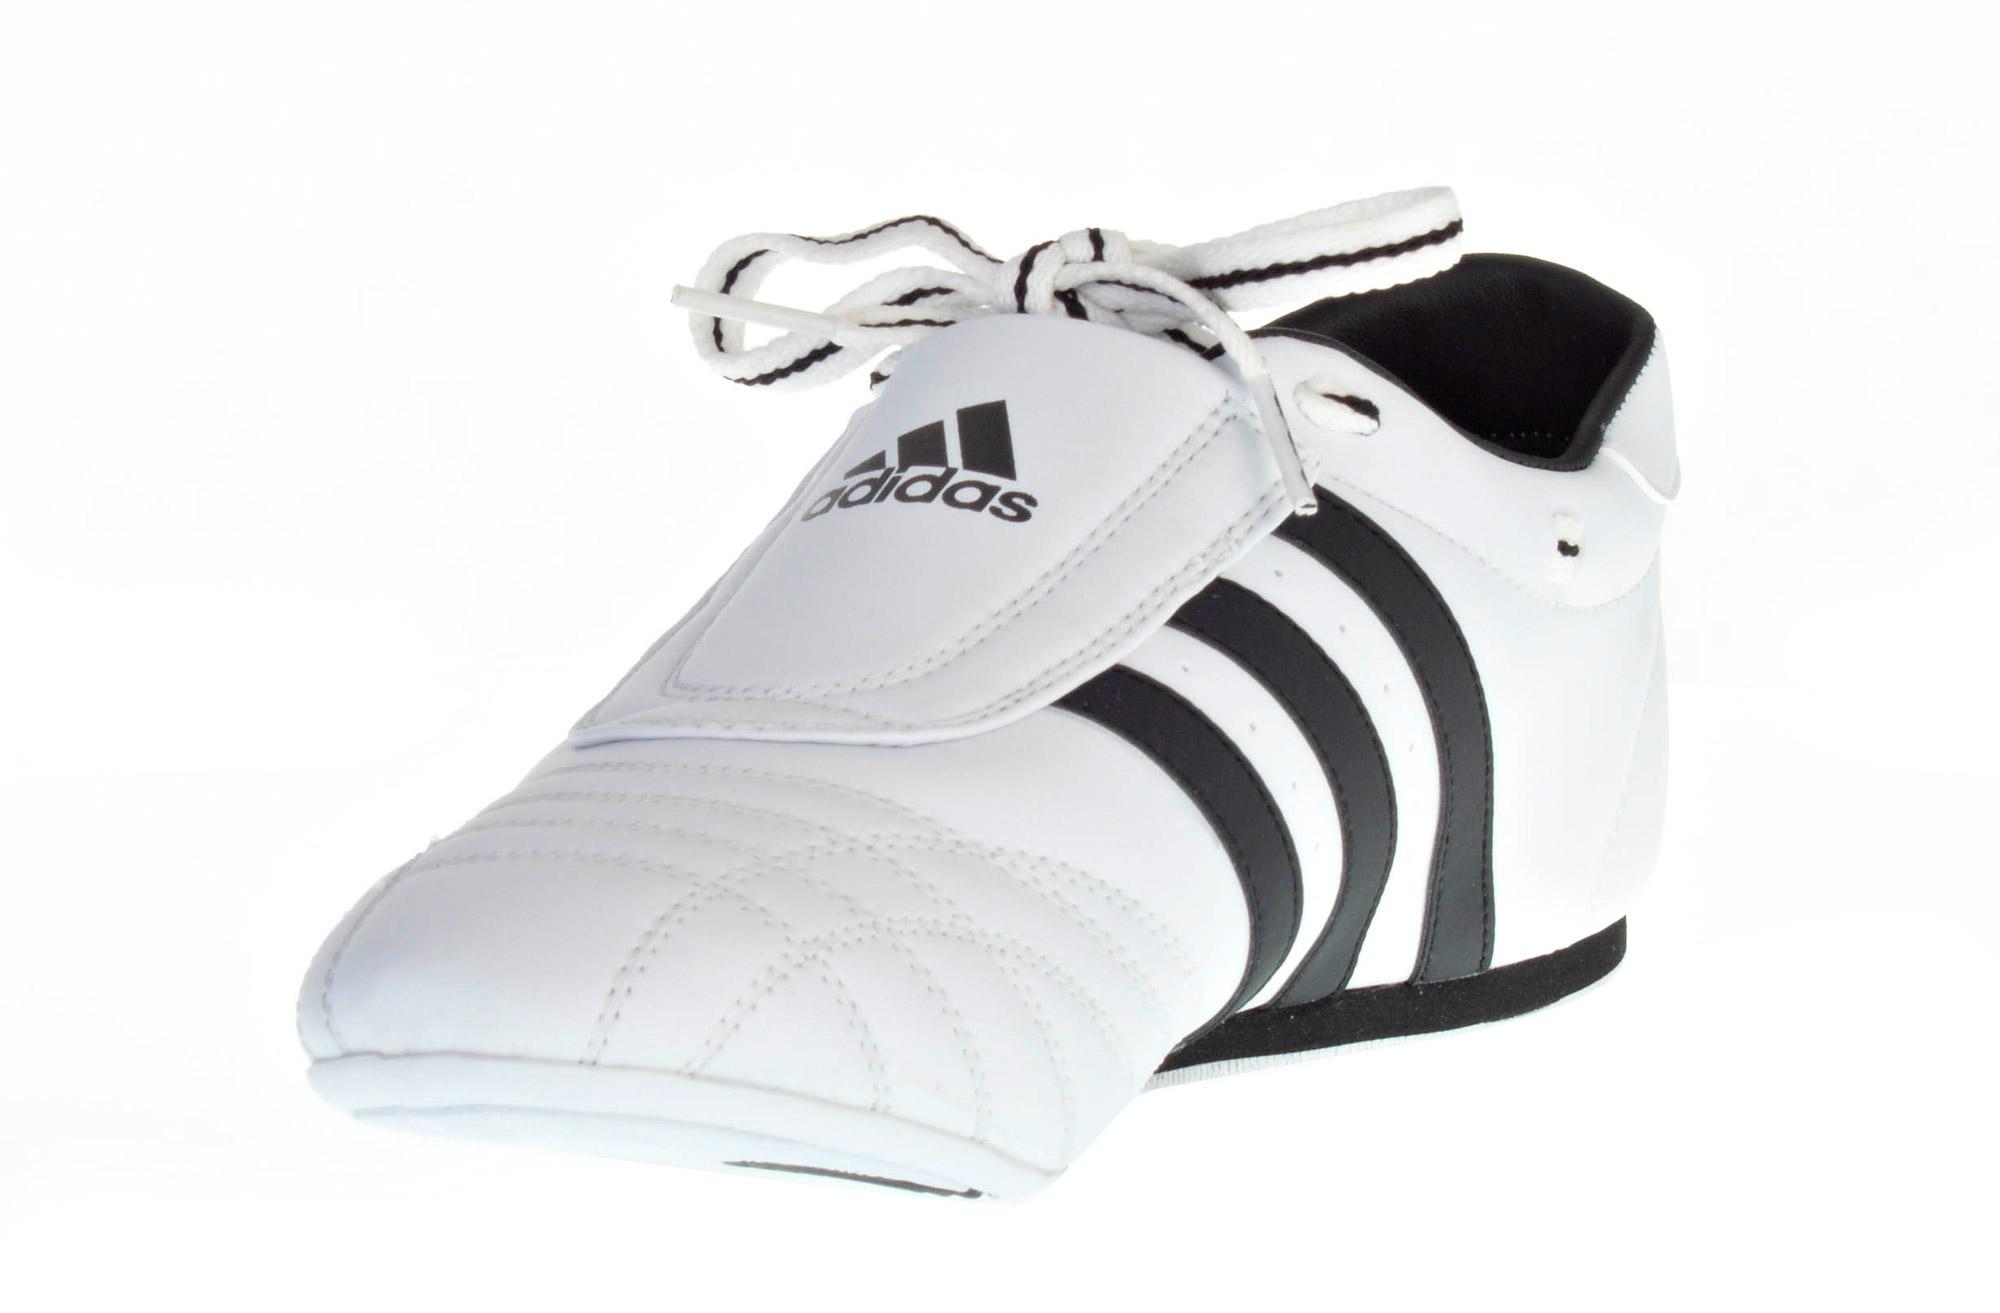 Sneaker WeißTaekwondo Schuhe Sm Ii Adidas wOkX8nN0P